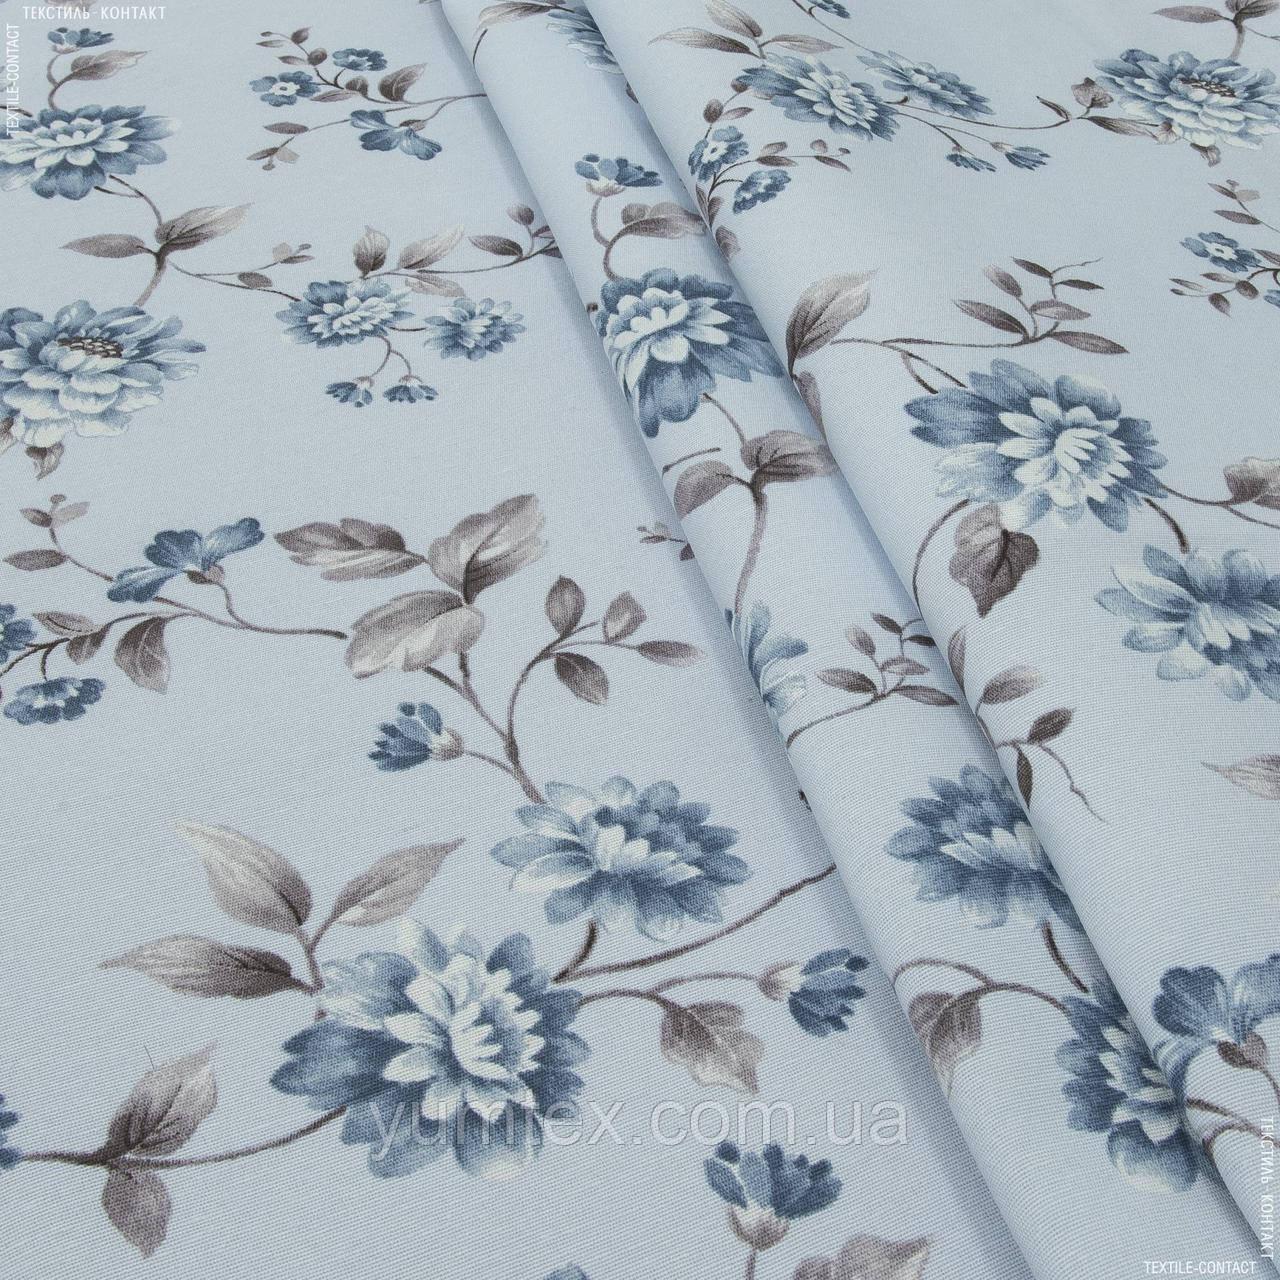 Декоративная ткань  бланко / blanca coord / цветы  134245